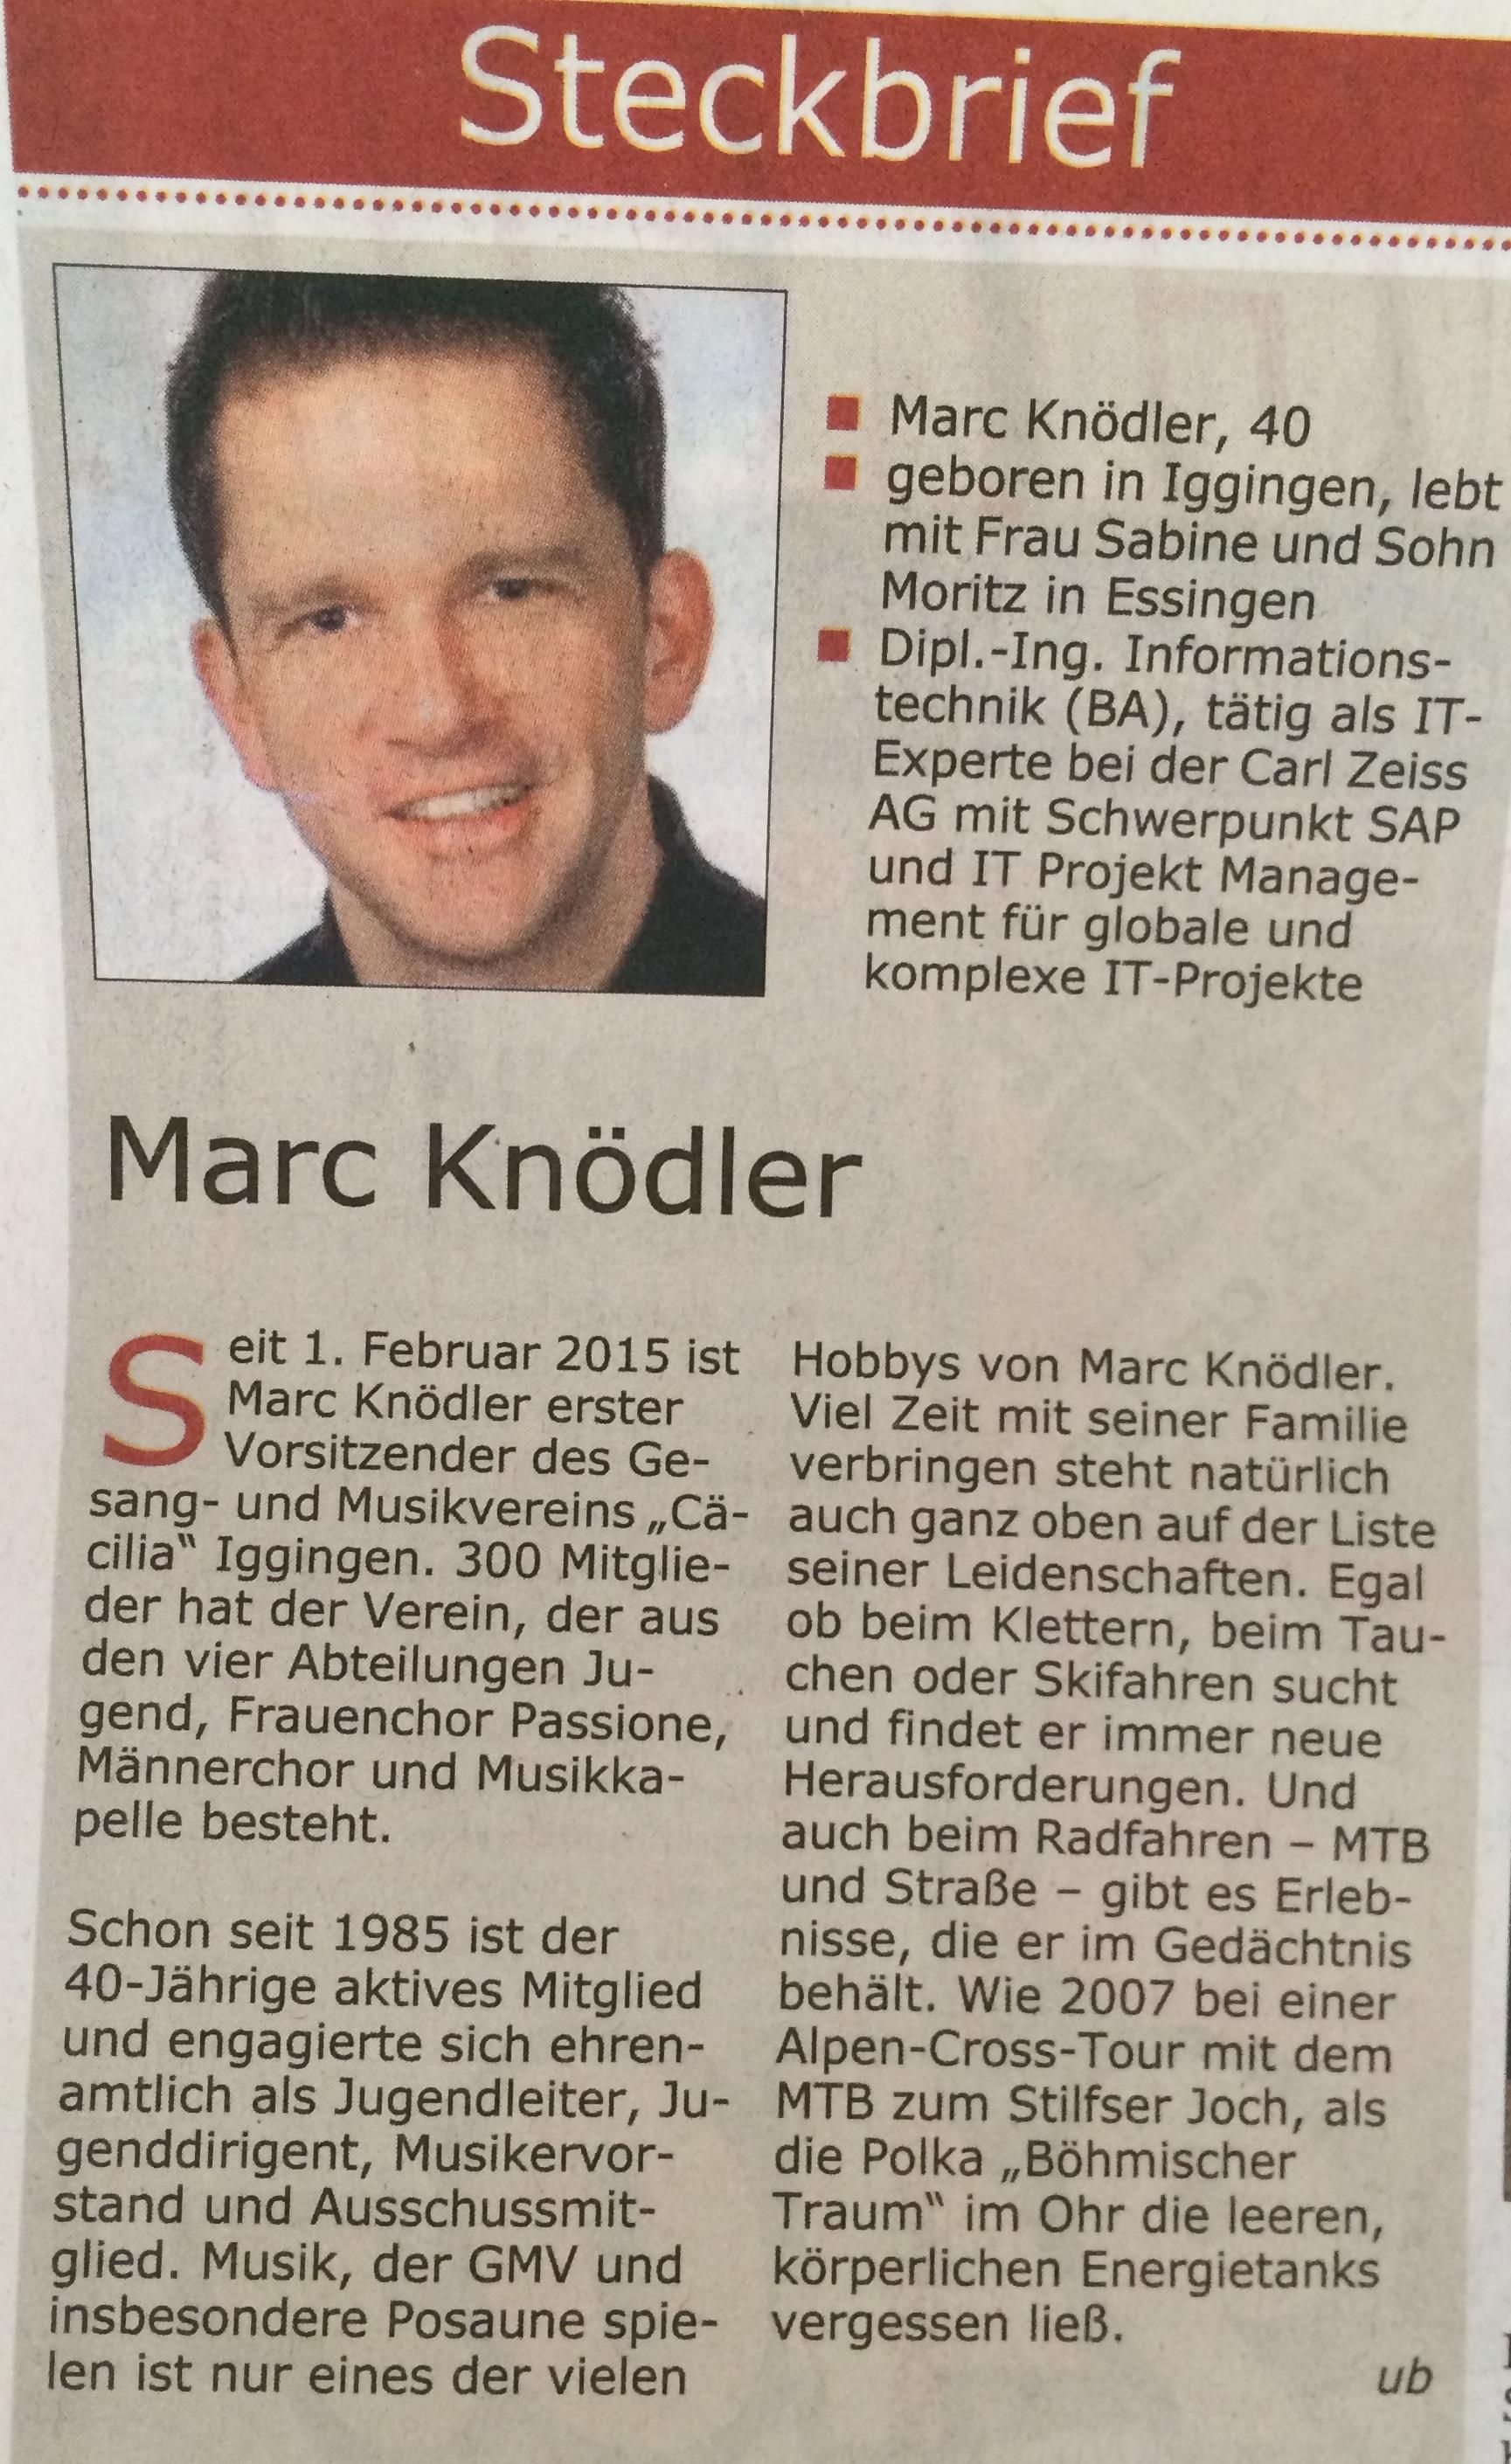 Marc Knödler: Neuer 1. Vorsitzender des GMV Iggingen